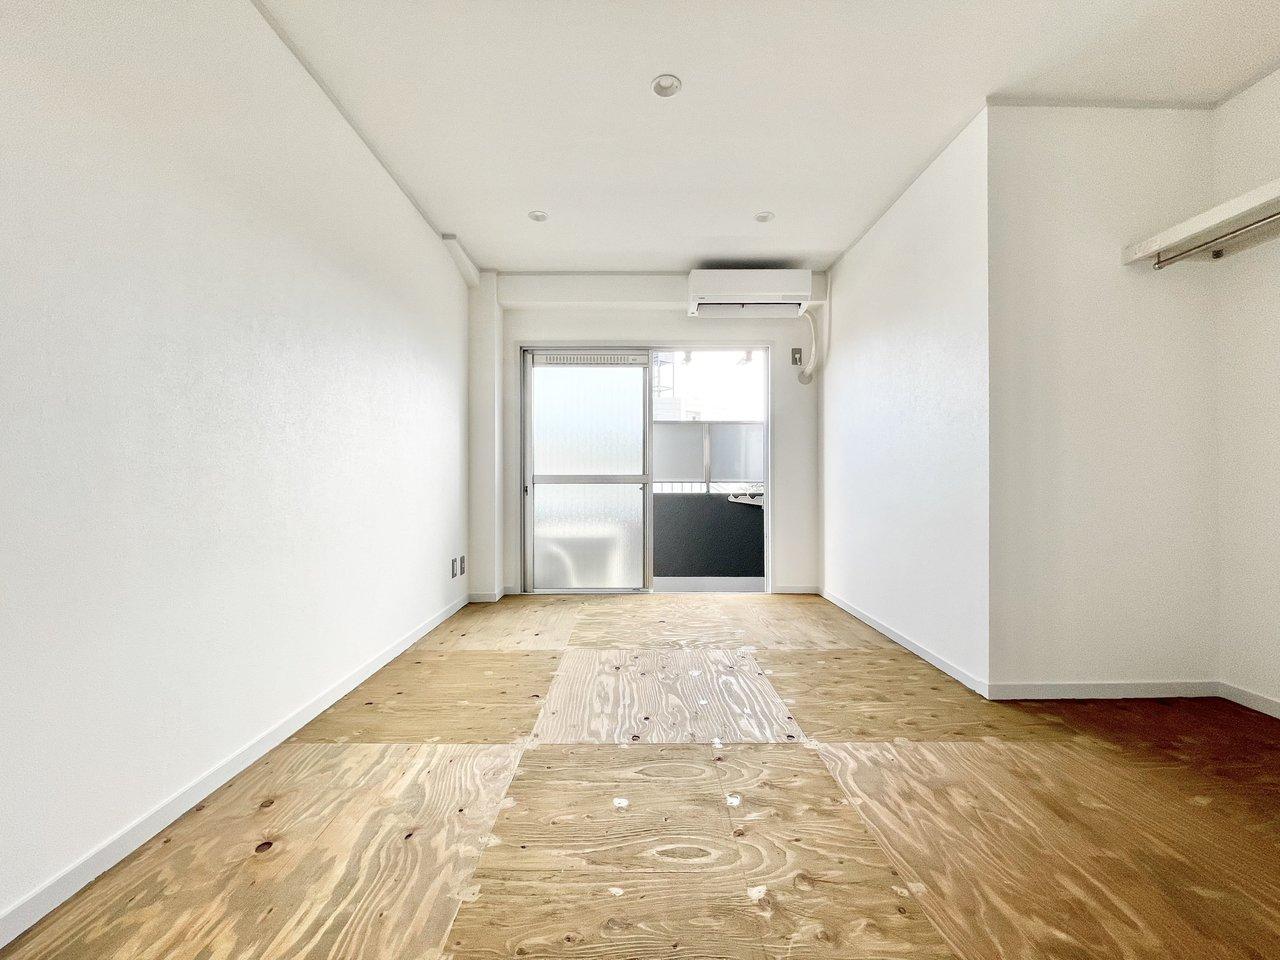 おおぶりの合板がタイルのように敷きつめられたワンルーム。最上階の角部屋です。模様がそれぞれ異なる床と、真っ白な壁の対比が美しく感じられます。